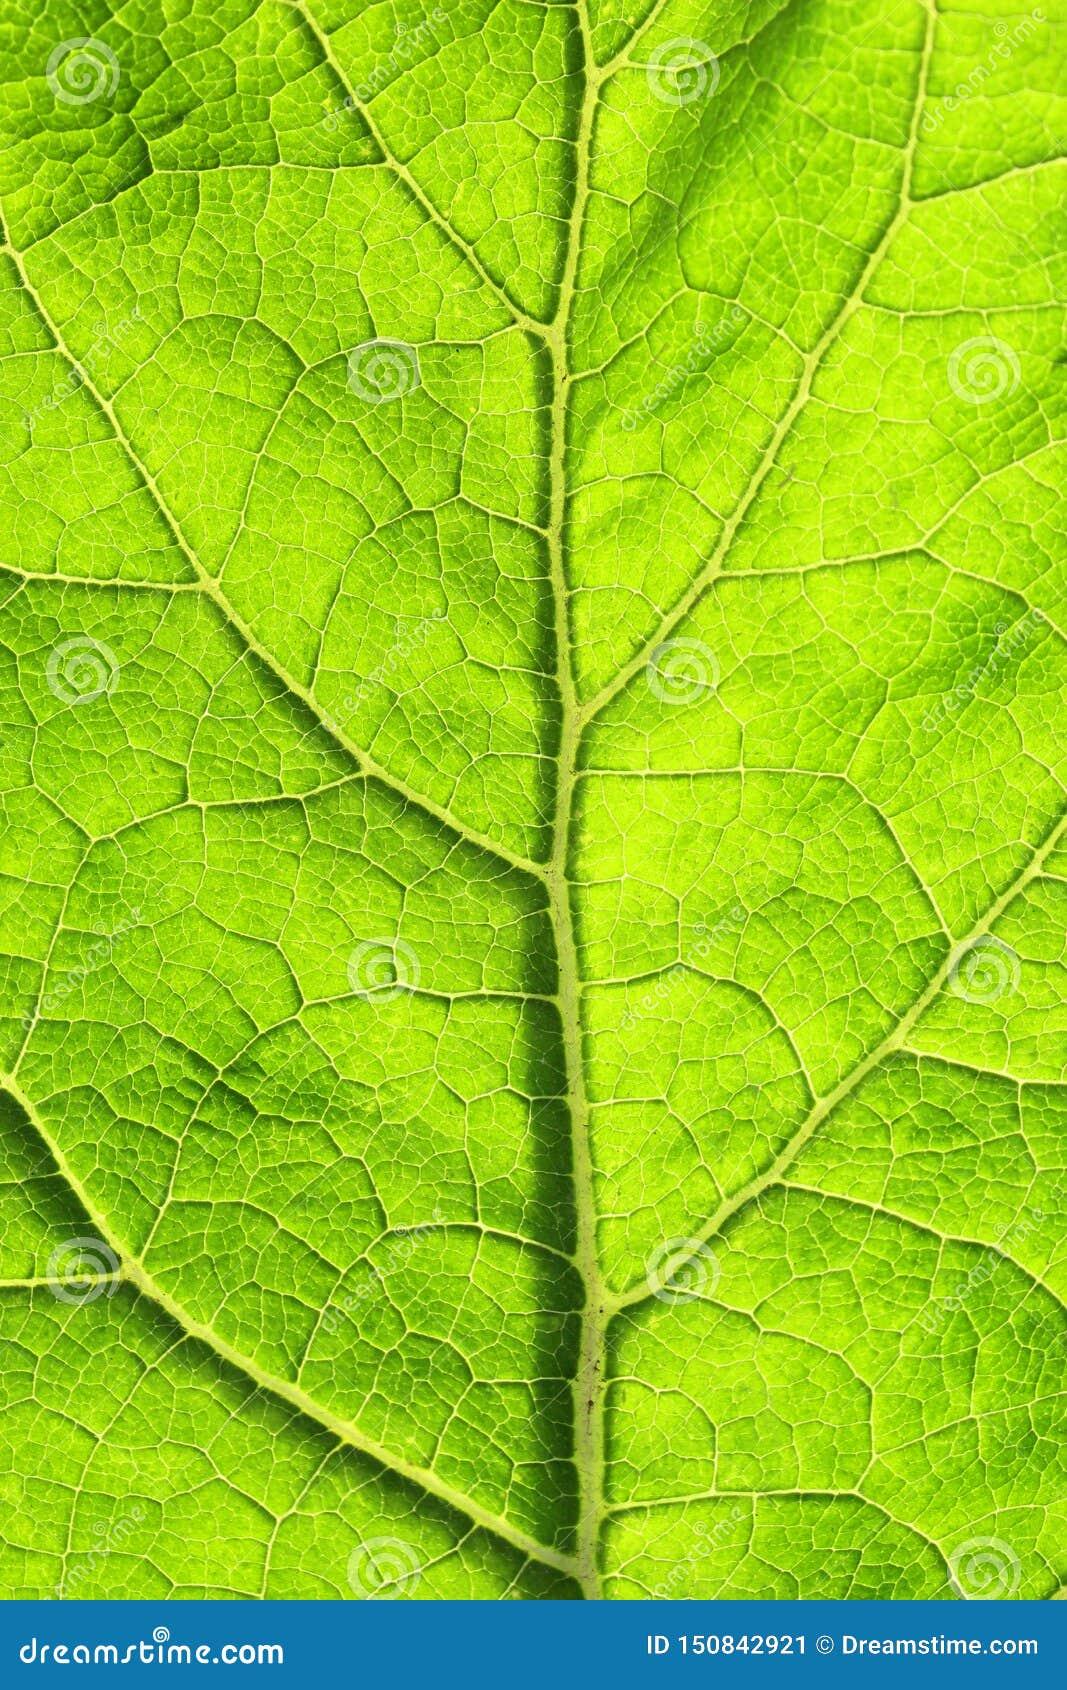 Σύσταση του πράσινου φύλλου με τις φλέβες